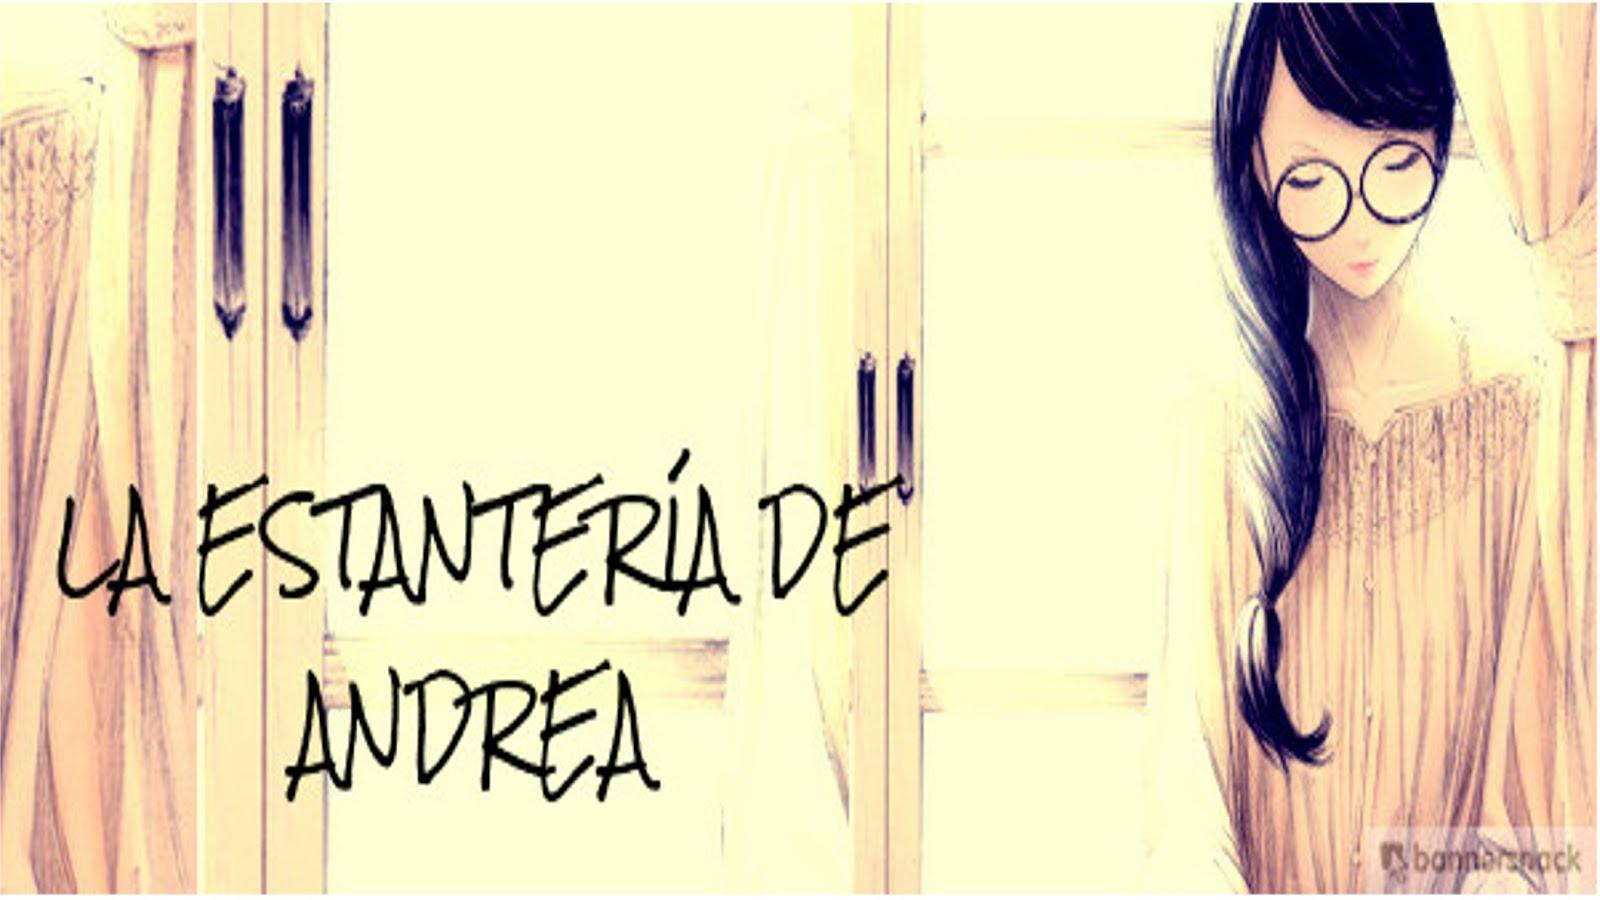 La Estanteria de Andrea